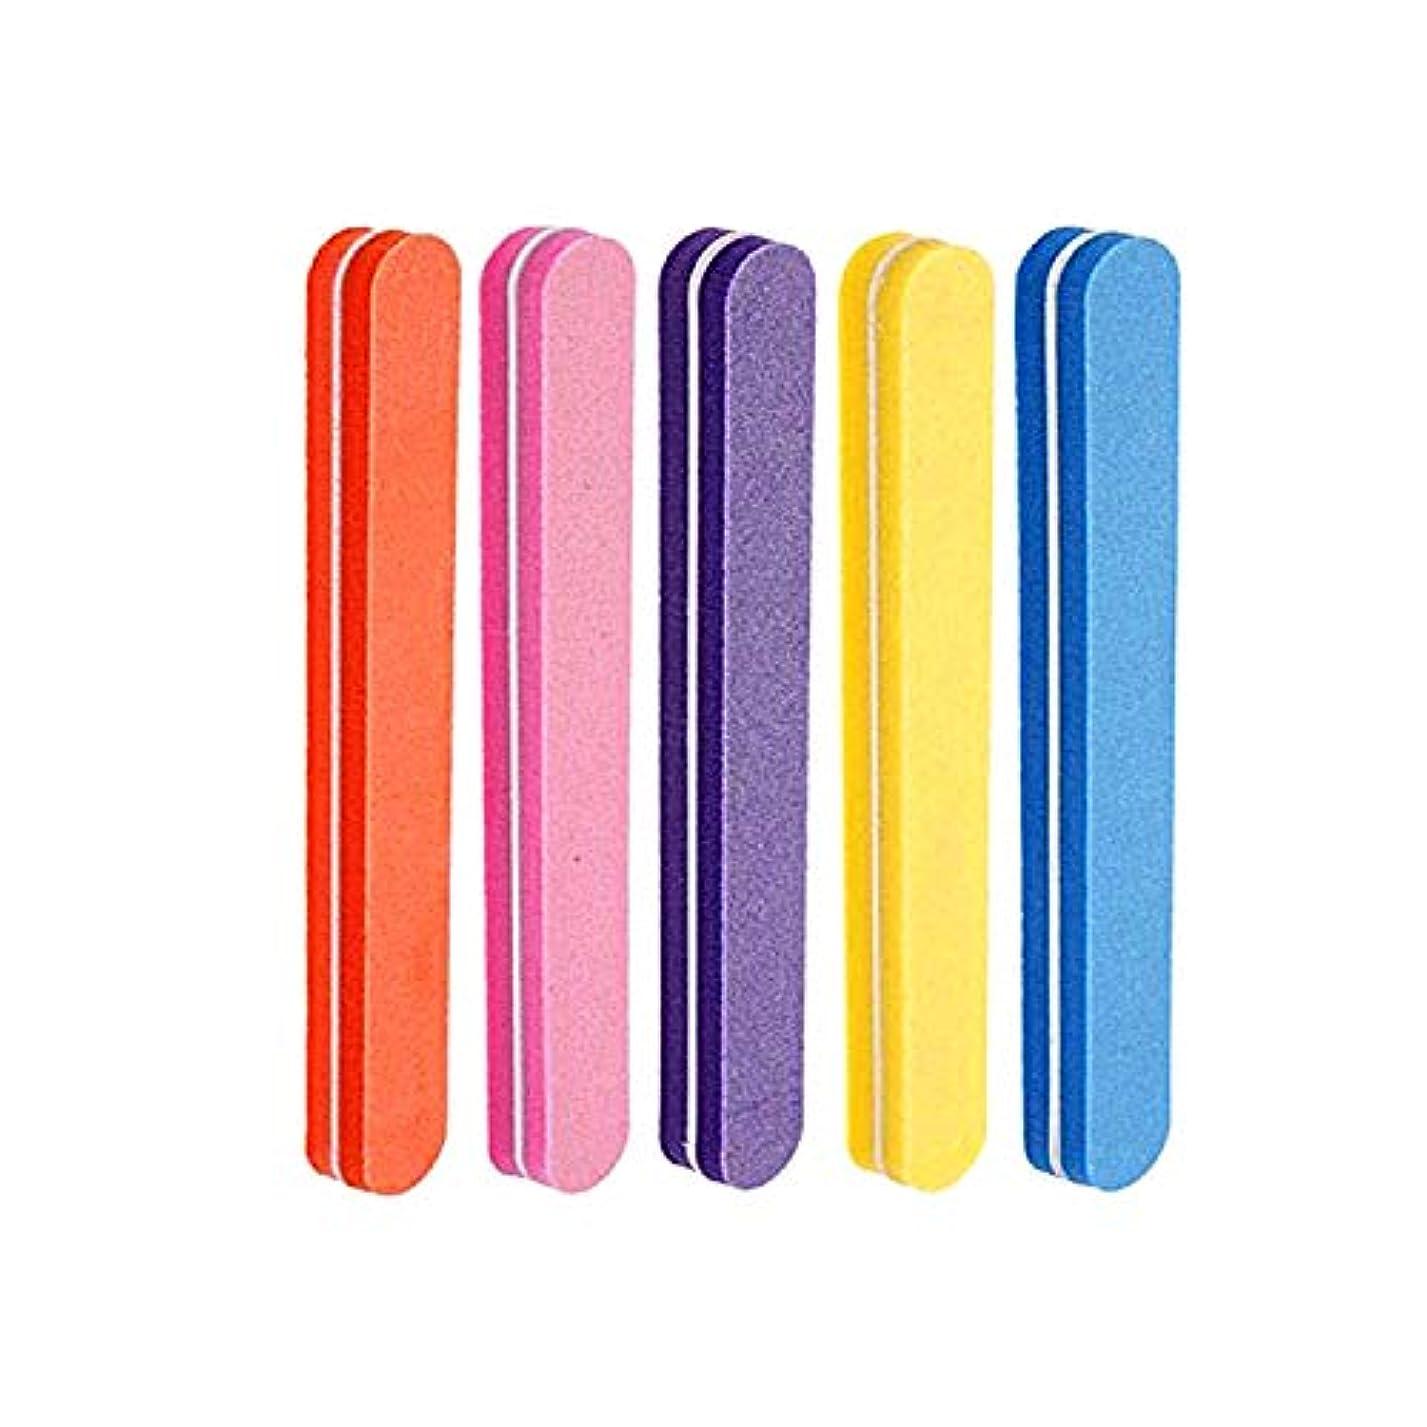 コショウこねる符号ネイルファイル 5色スポンジネイルバッファー 100/180グリット ジェルネイル用 (5本セット)